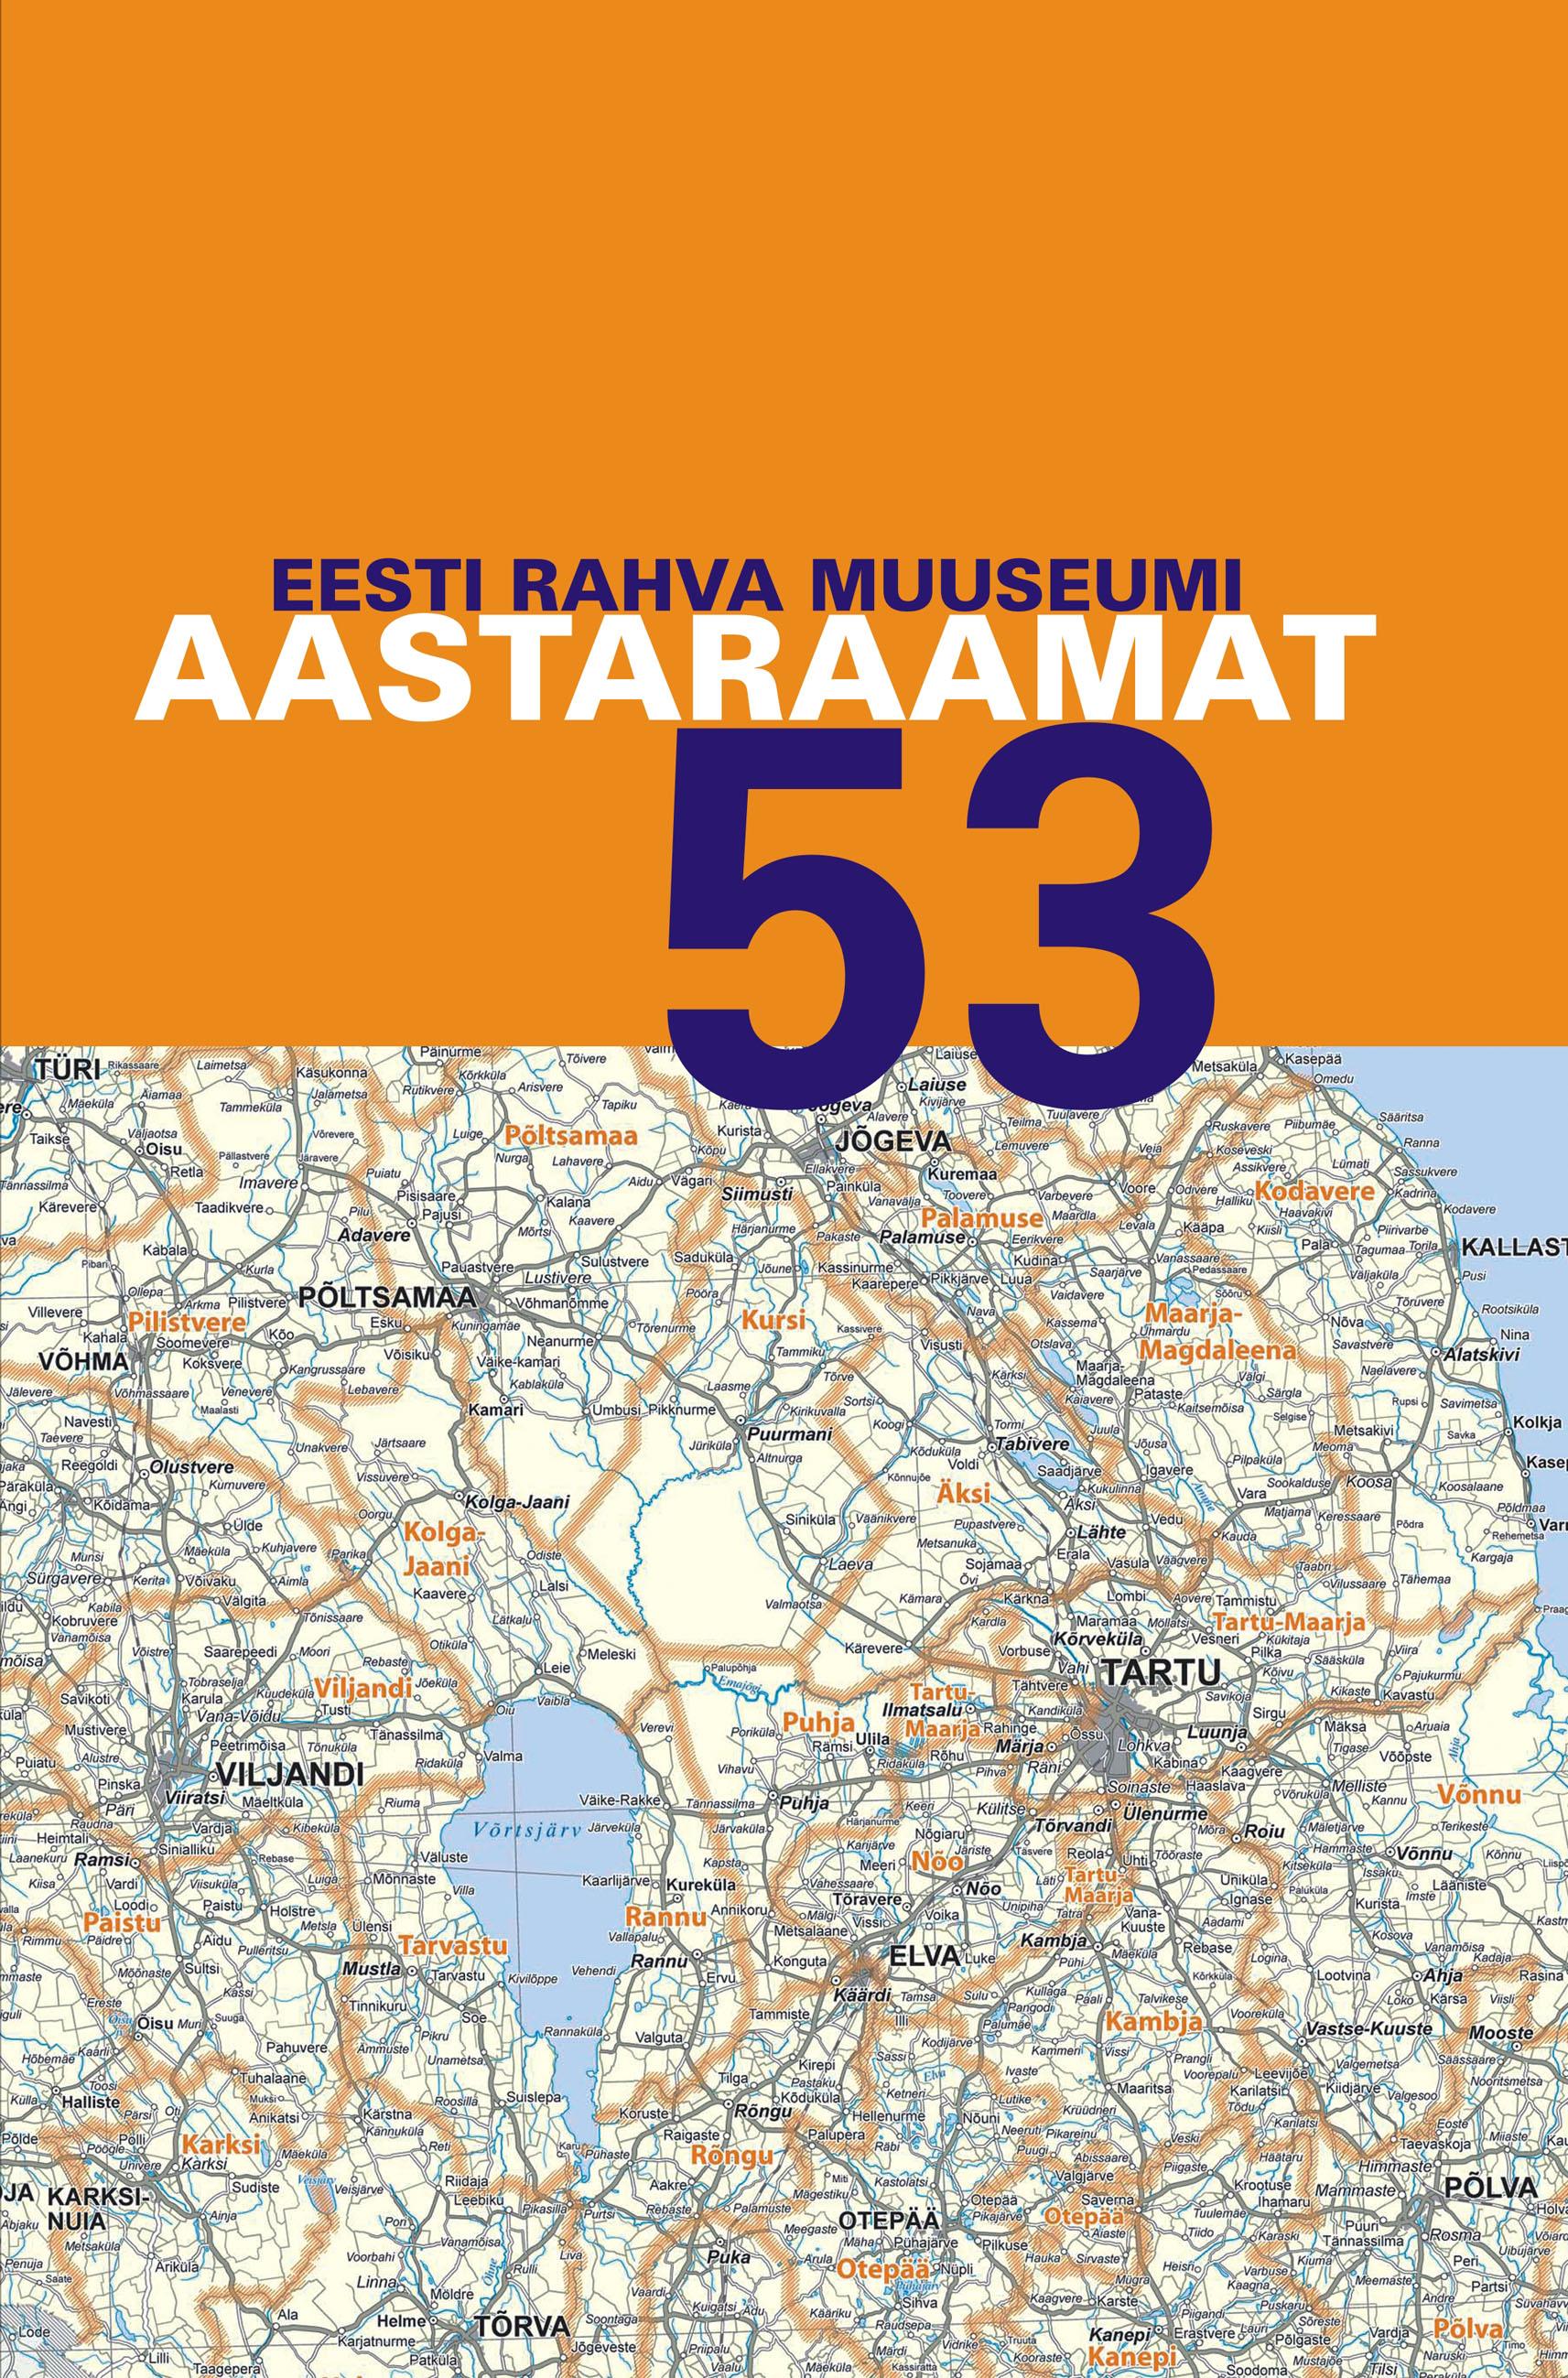 View No. 53 (2010): Eesti Rahva Muuseumi aastaraamat